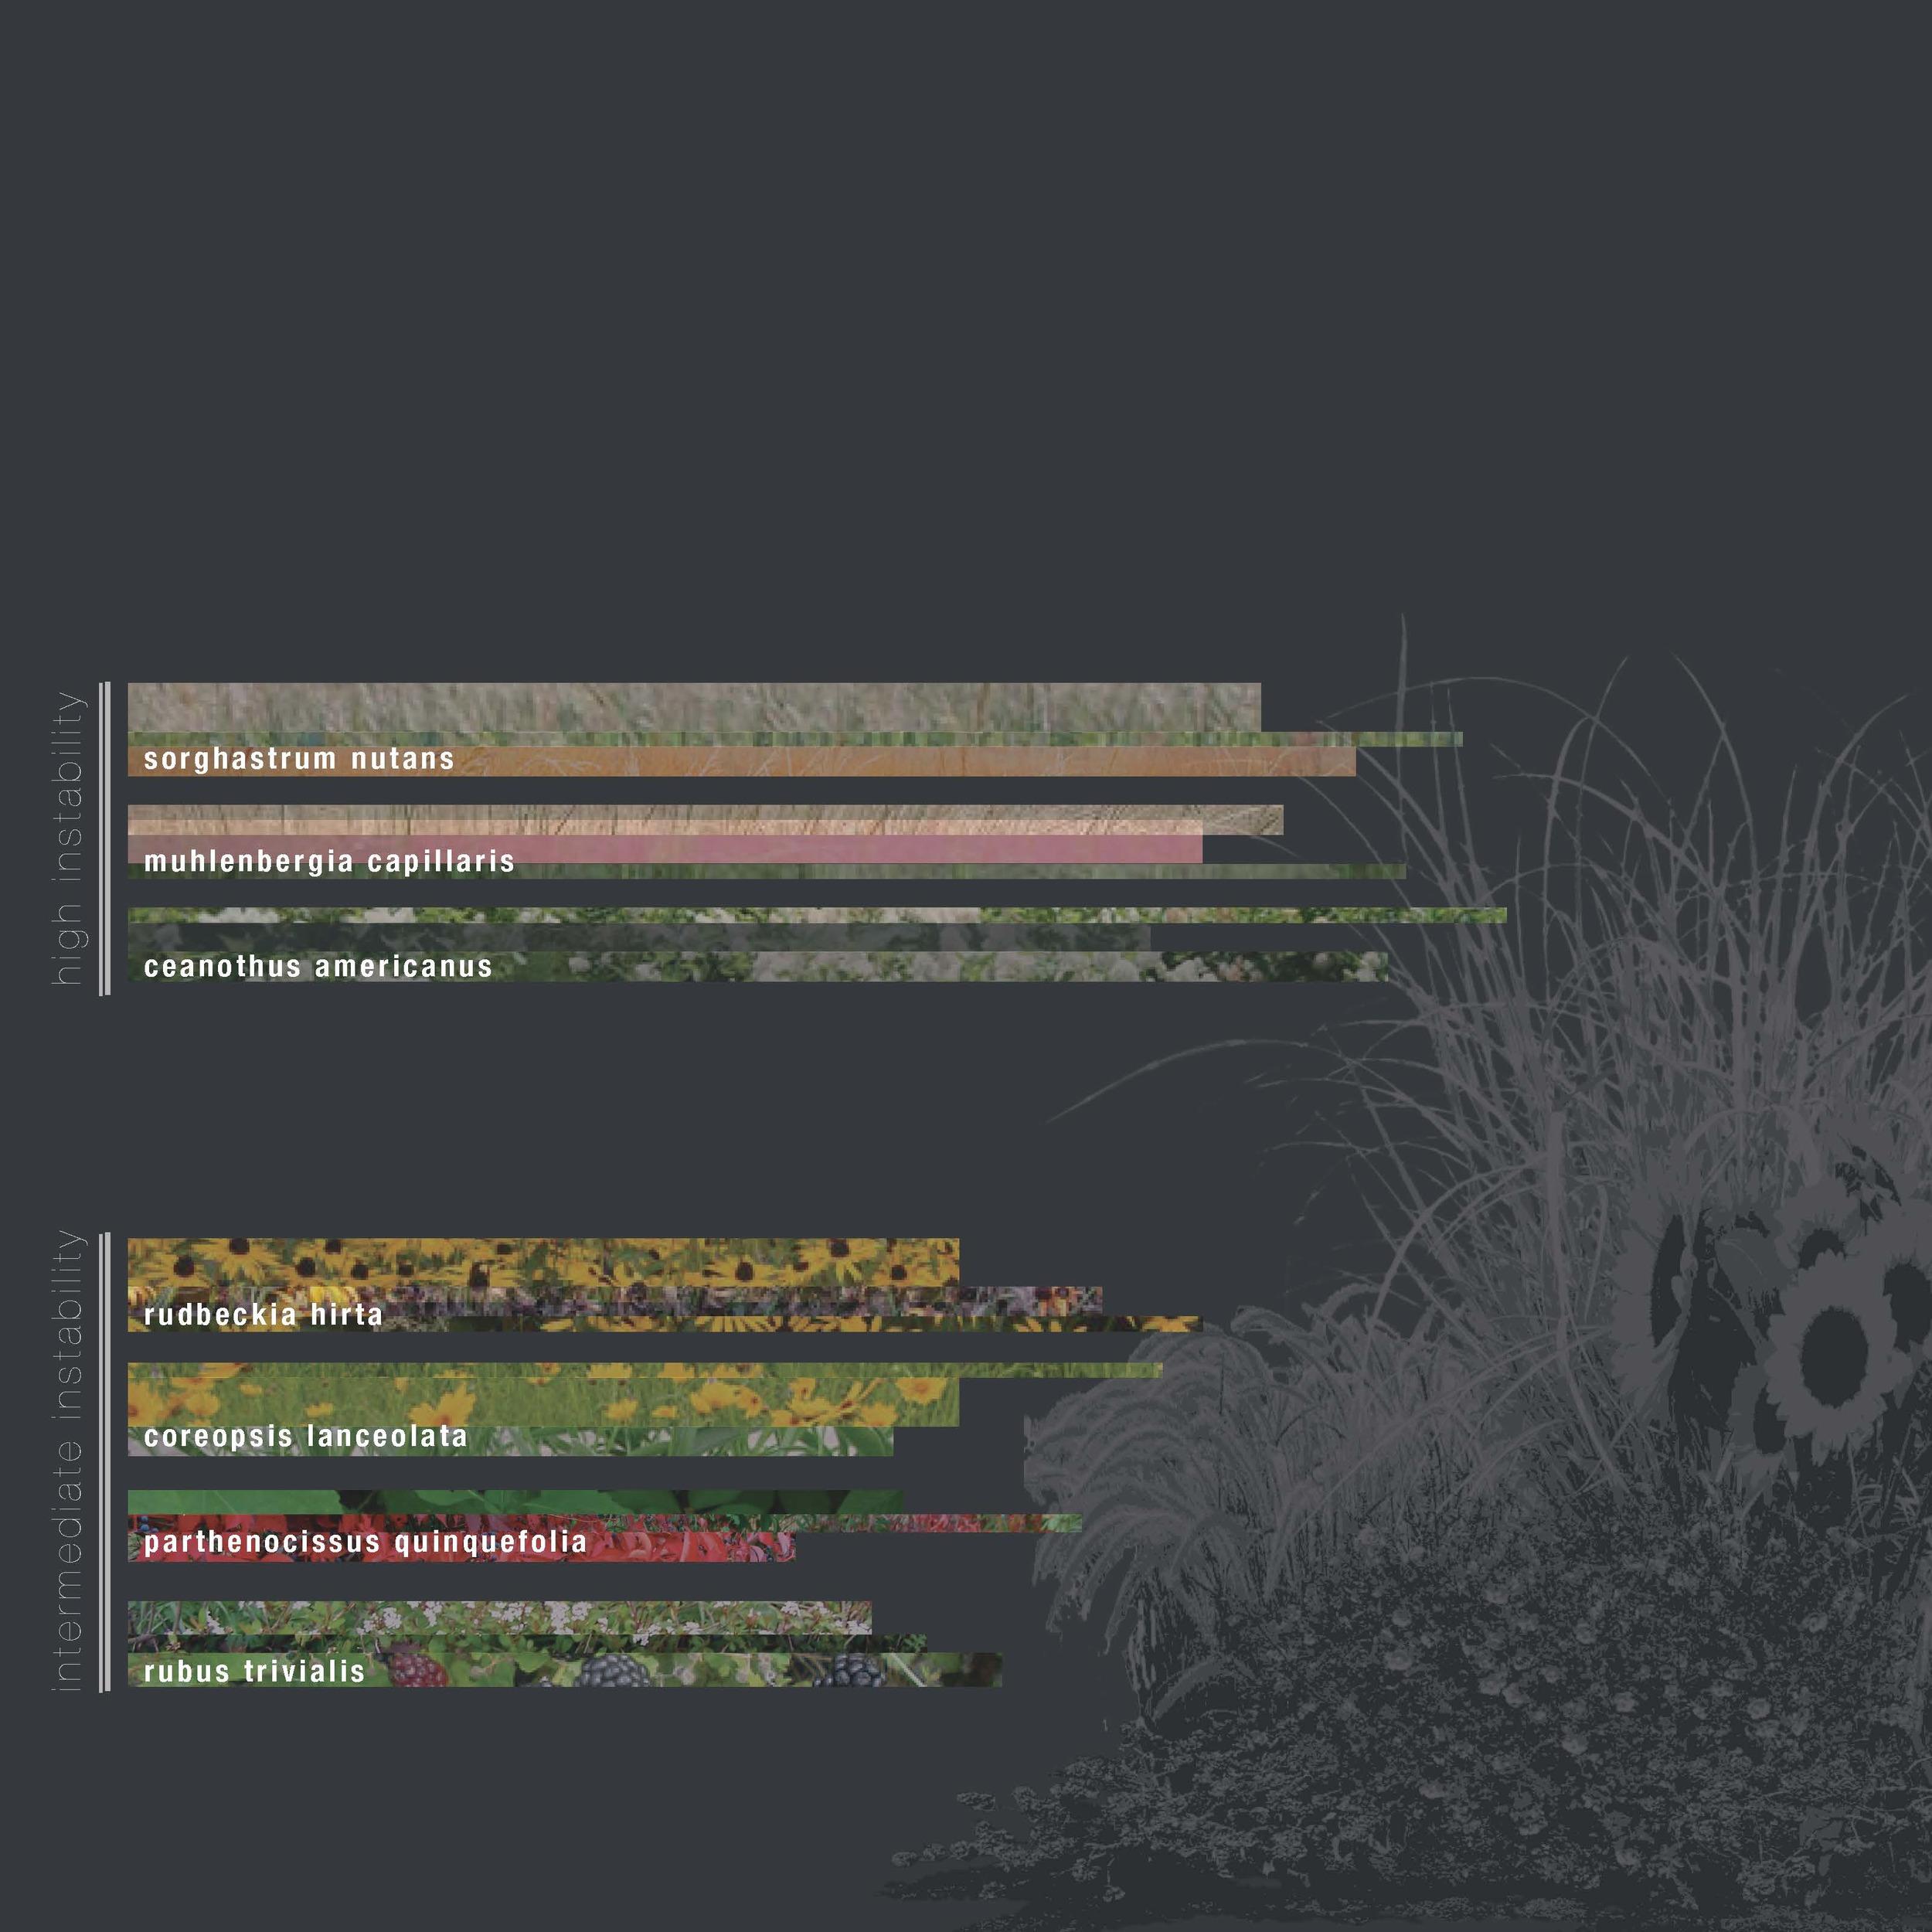 Hangartner_thesis_Page_37.jpg